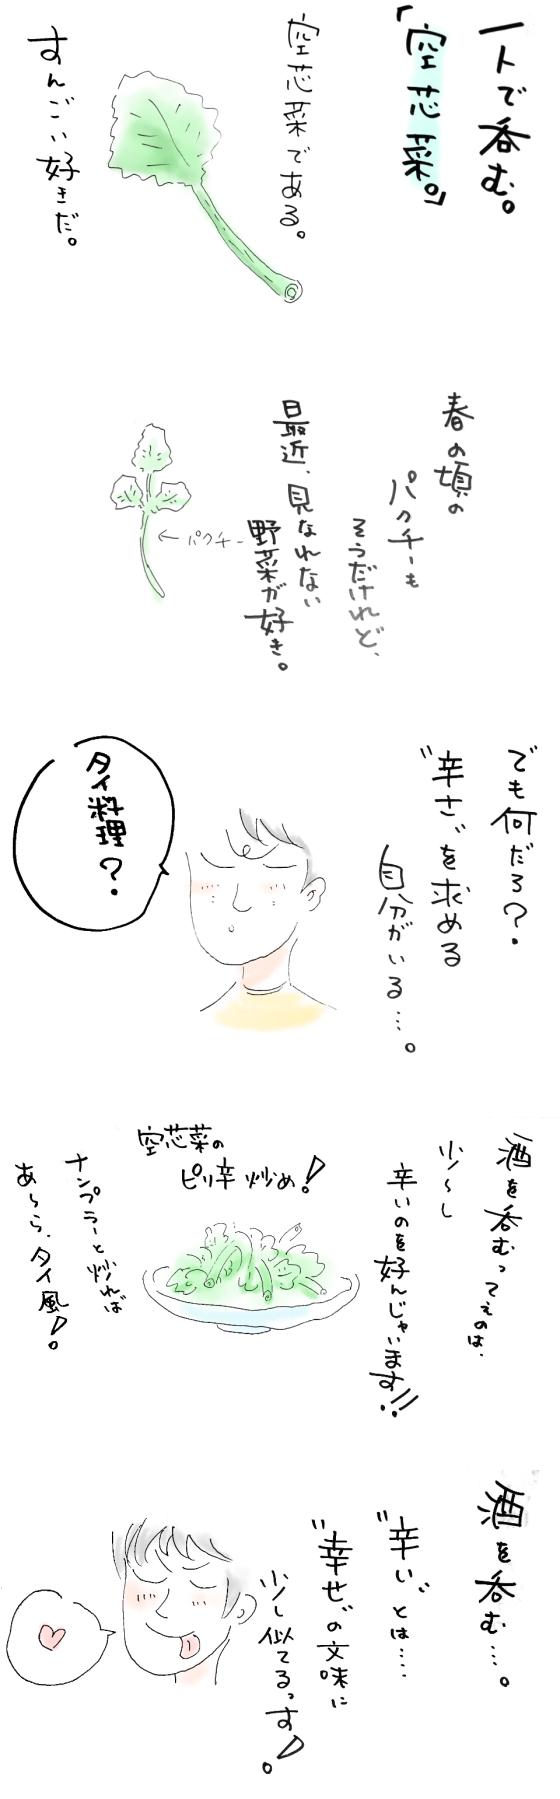 20170910_191141051.jpg